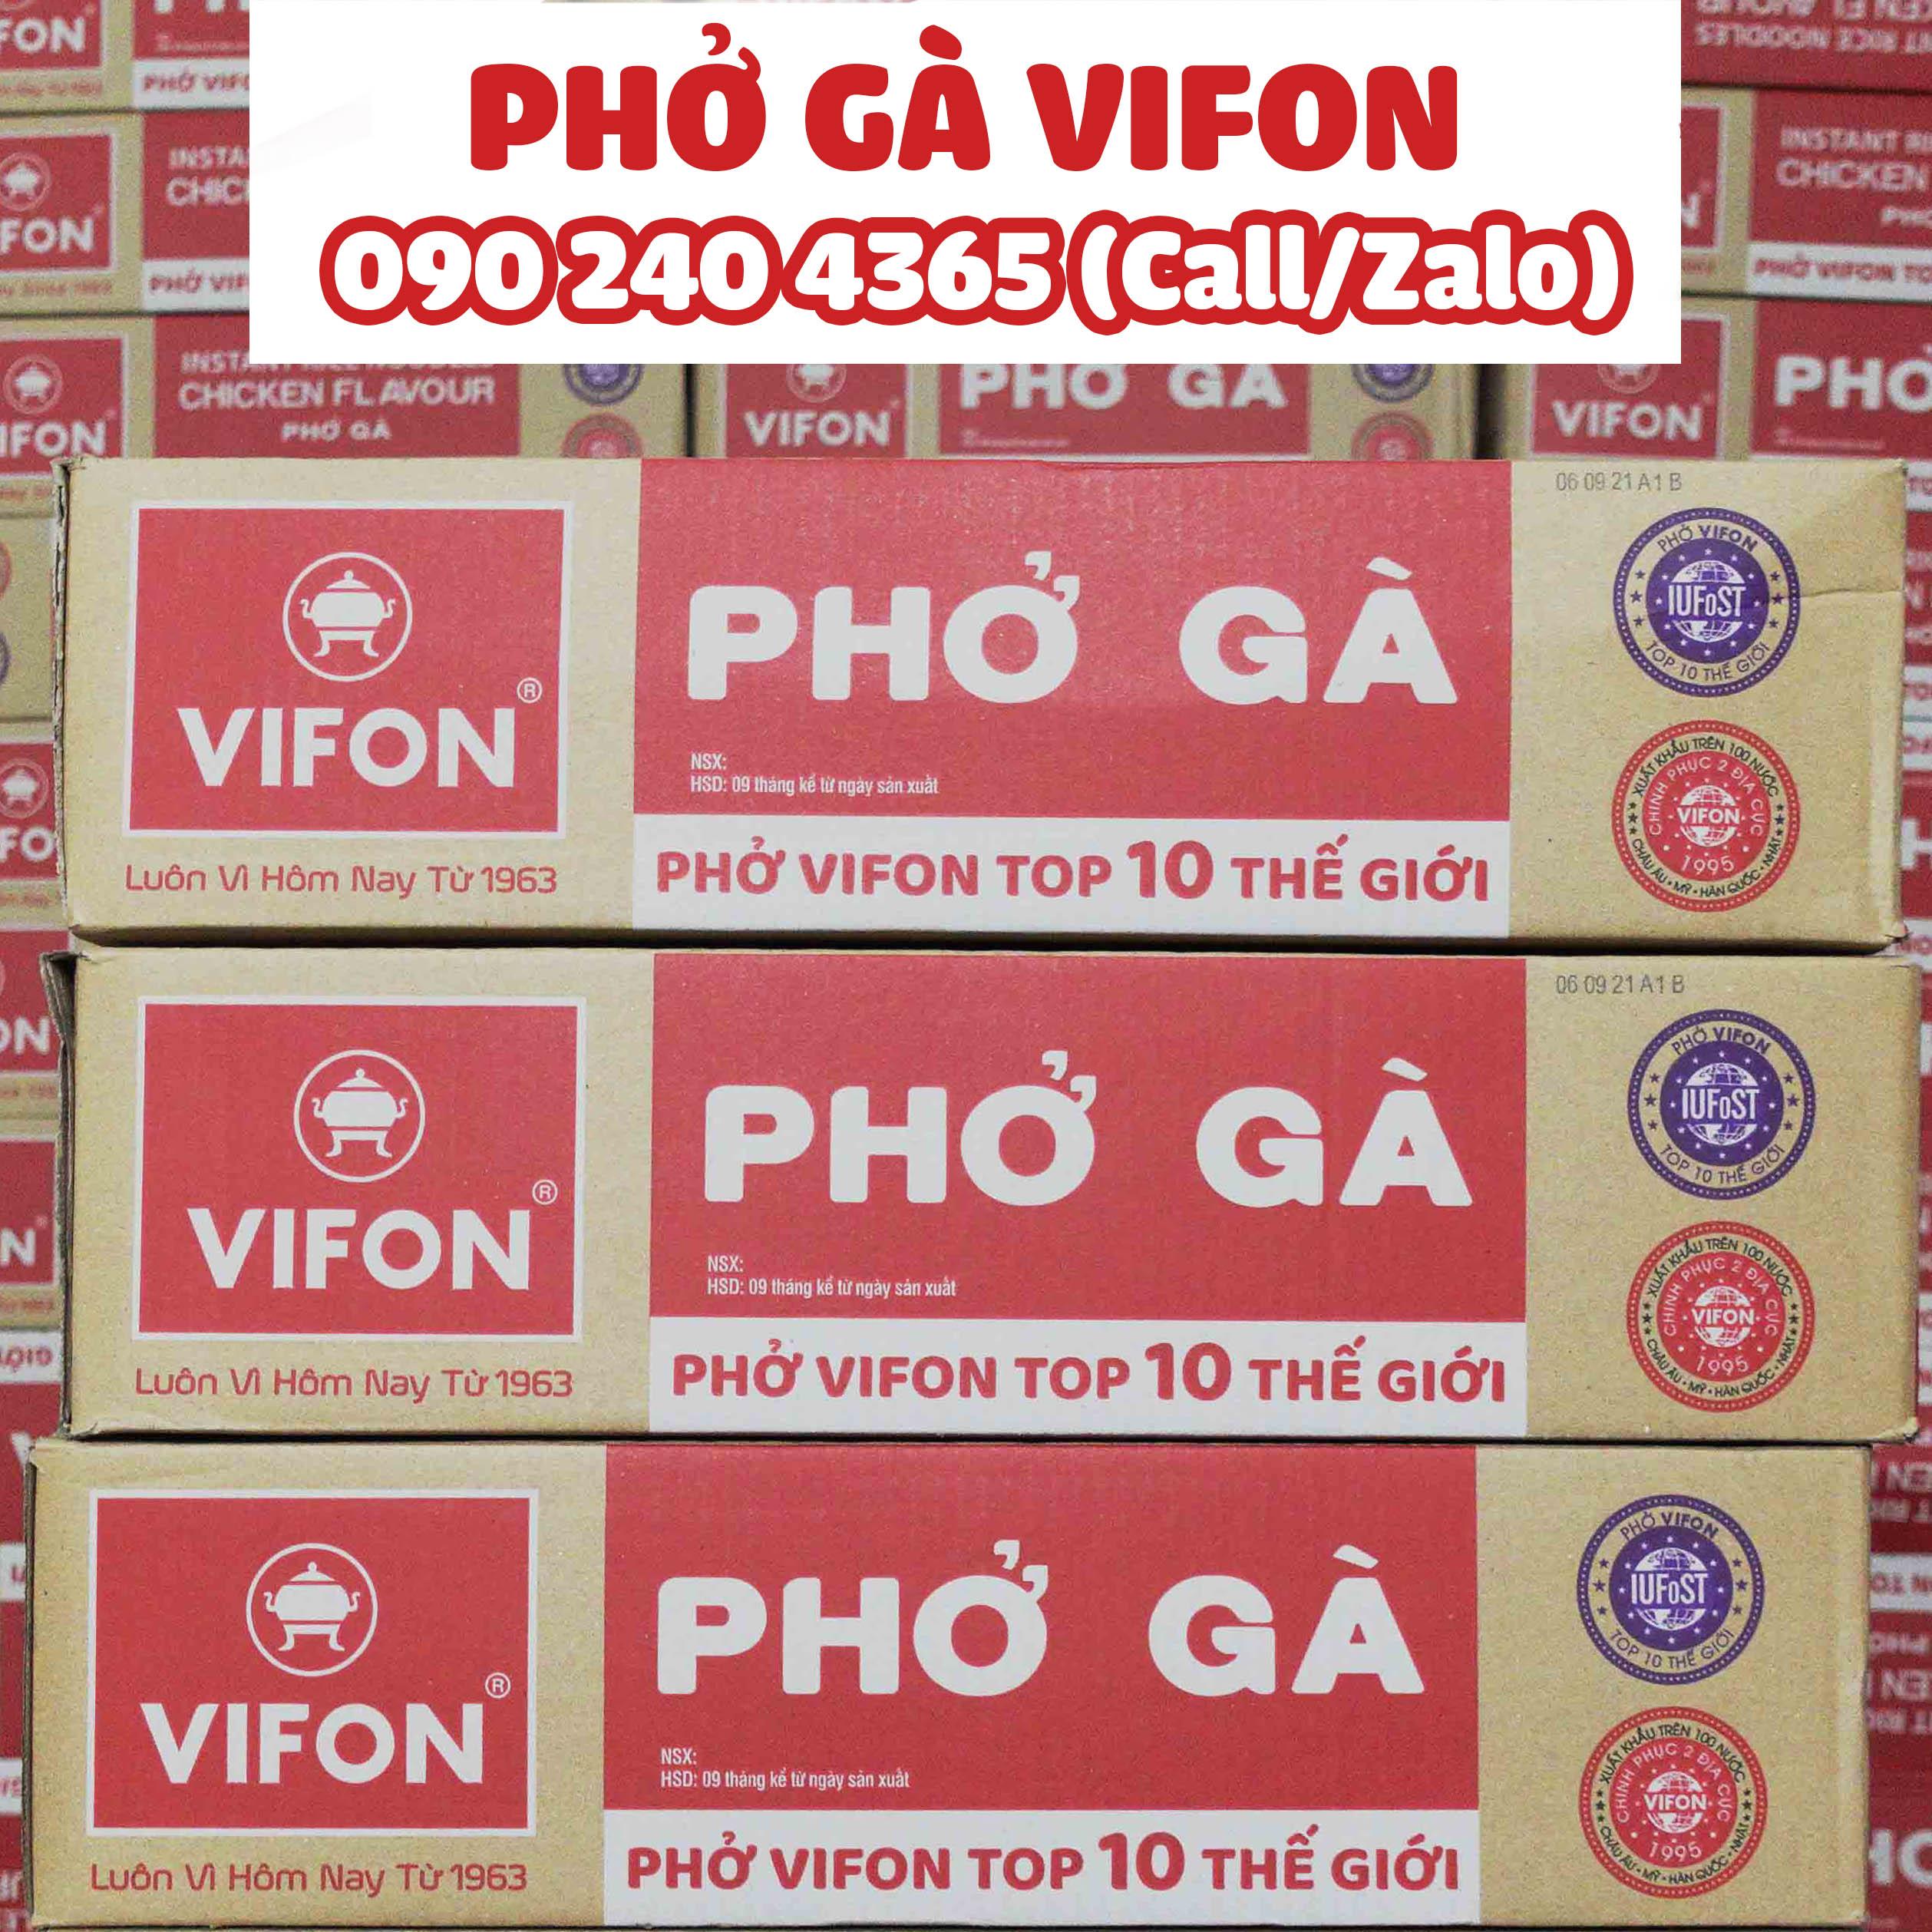 THÙNG PHỞ GÀ VIFON - 30 GÓI